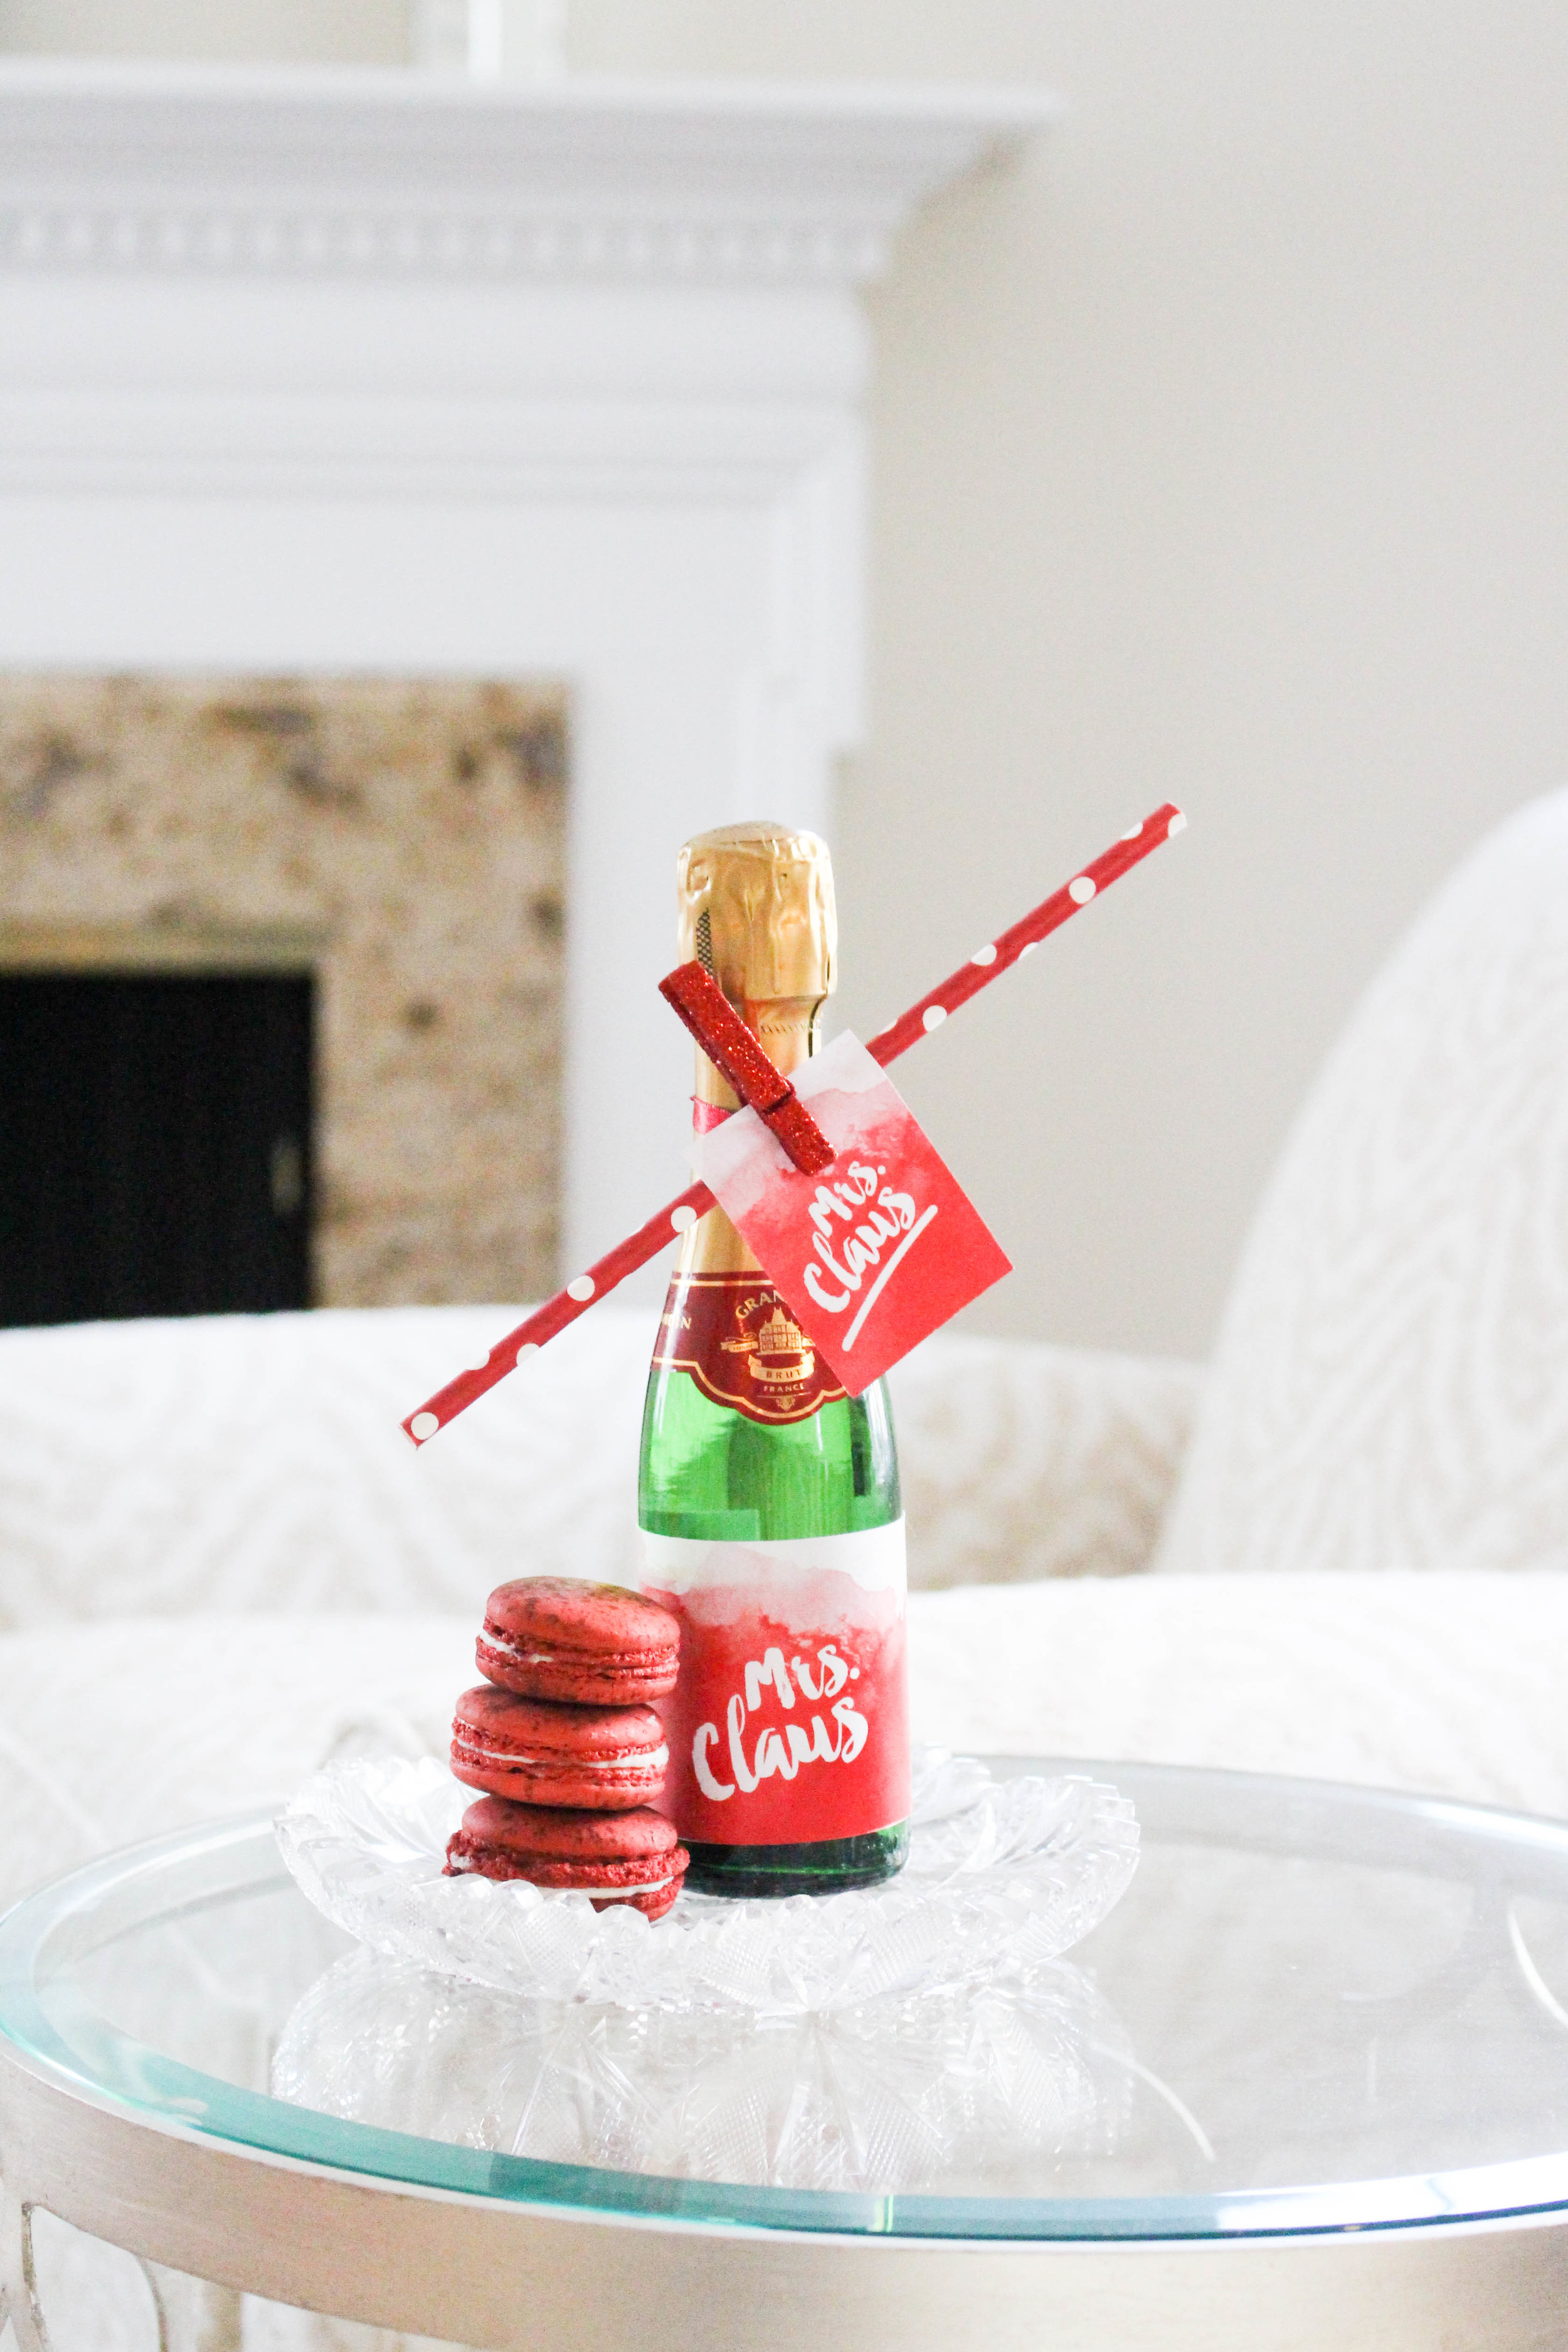 Red Velvet Macarons for Mrs. Claus